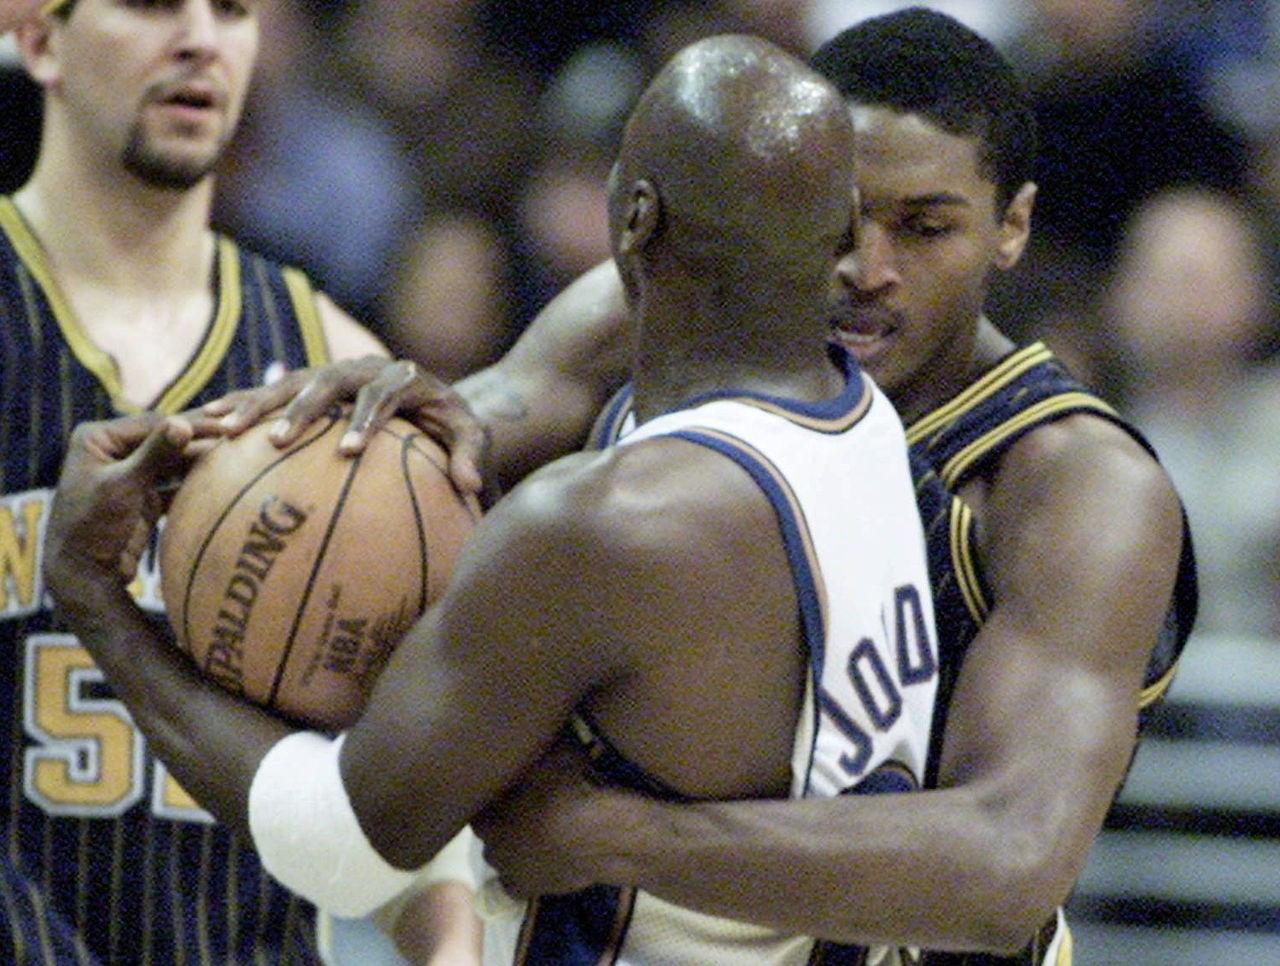 Метта Уолд Пис: «Случайно сломал ребра Майклу Джордану. Он сказал, что хотел бы сыграть против меня в лучшие годы»